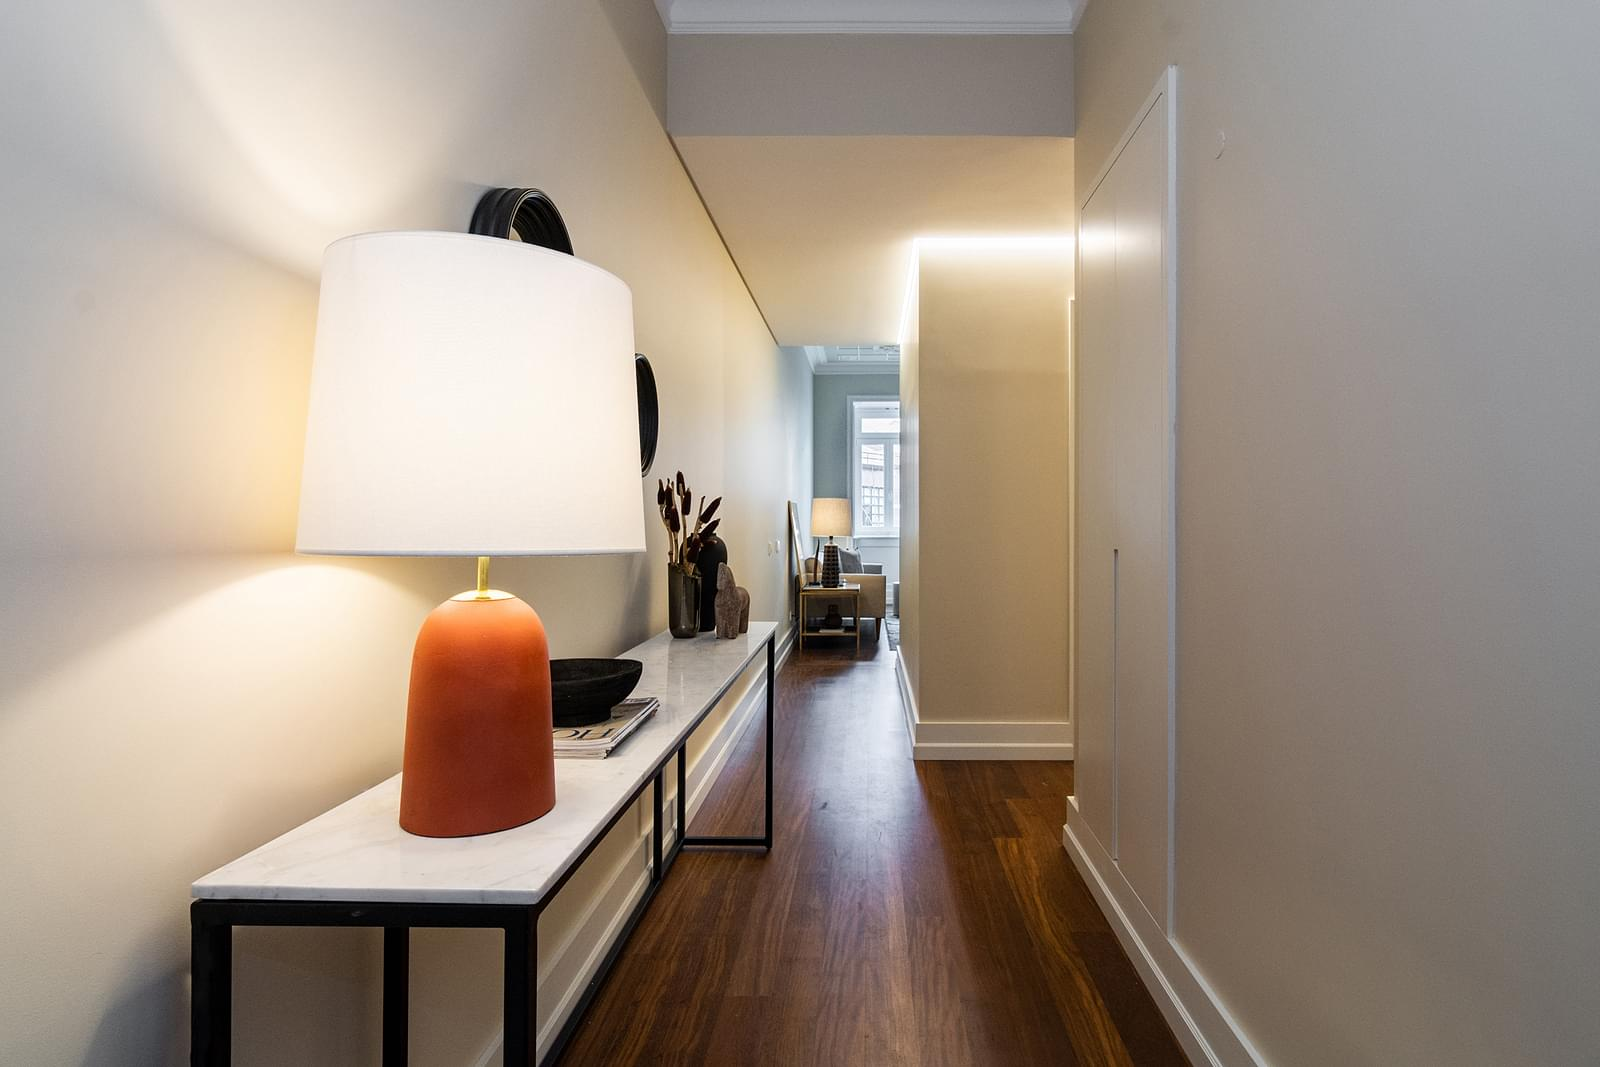 pf19003-apartamento-t2-lisboa-767d9b88-d4fe-473e-b9a7-4fd0b9945792